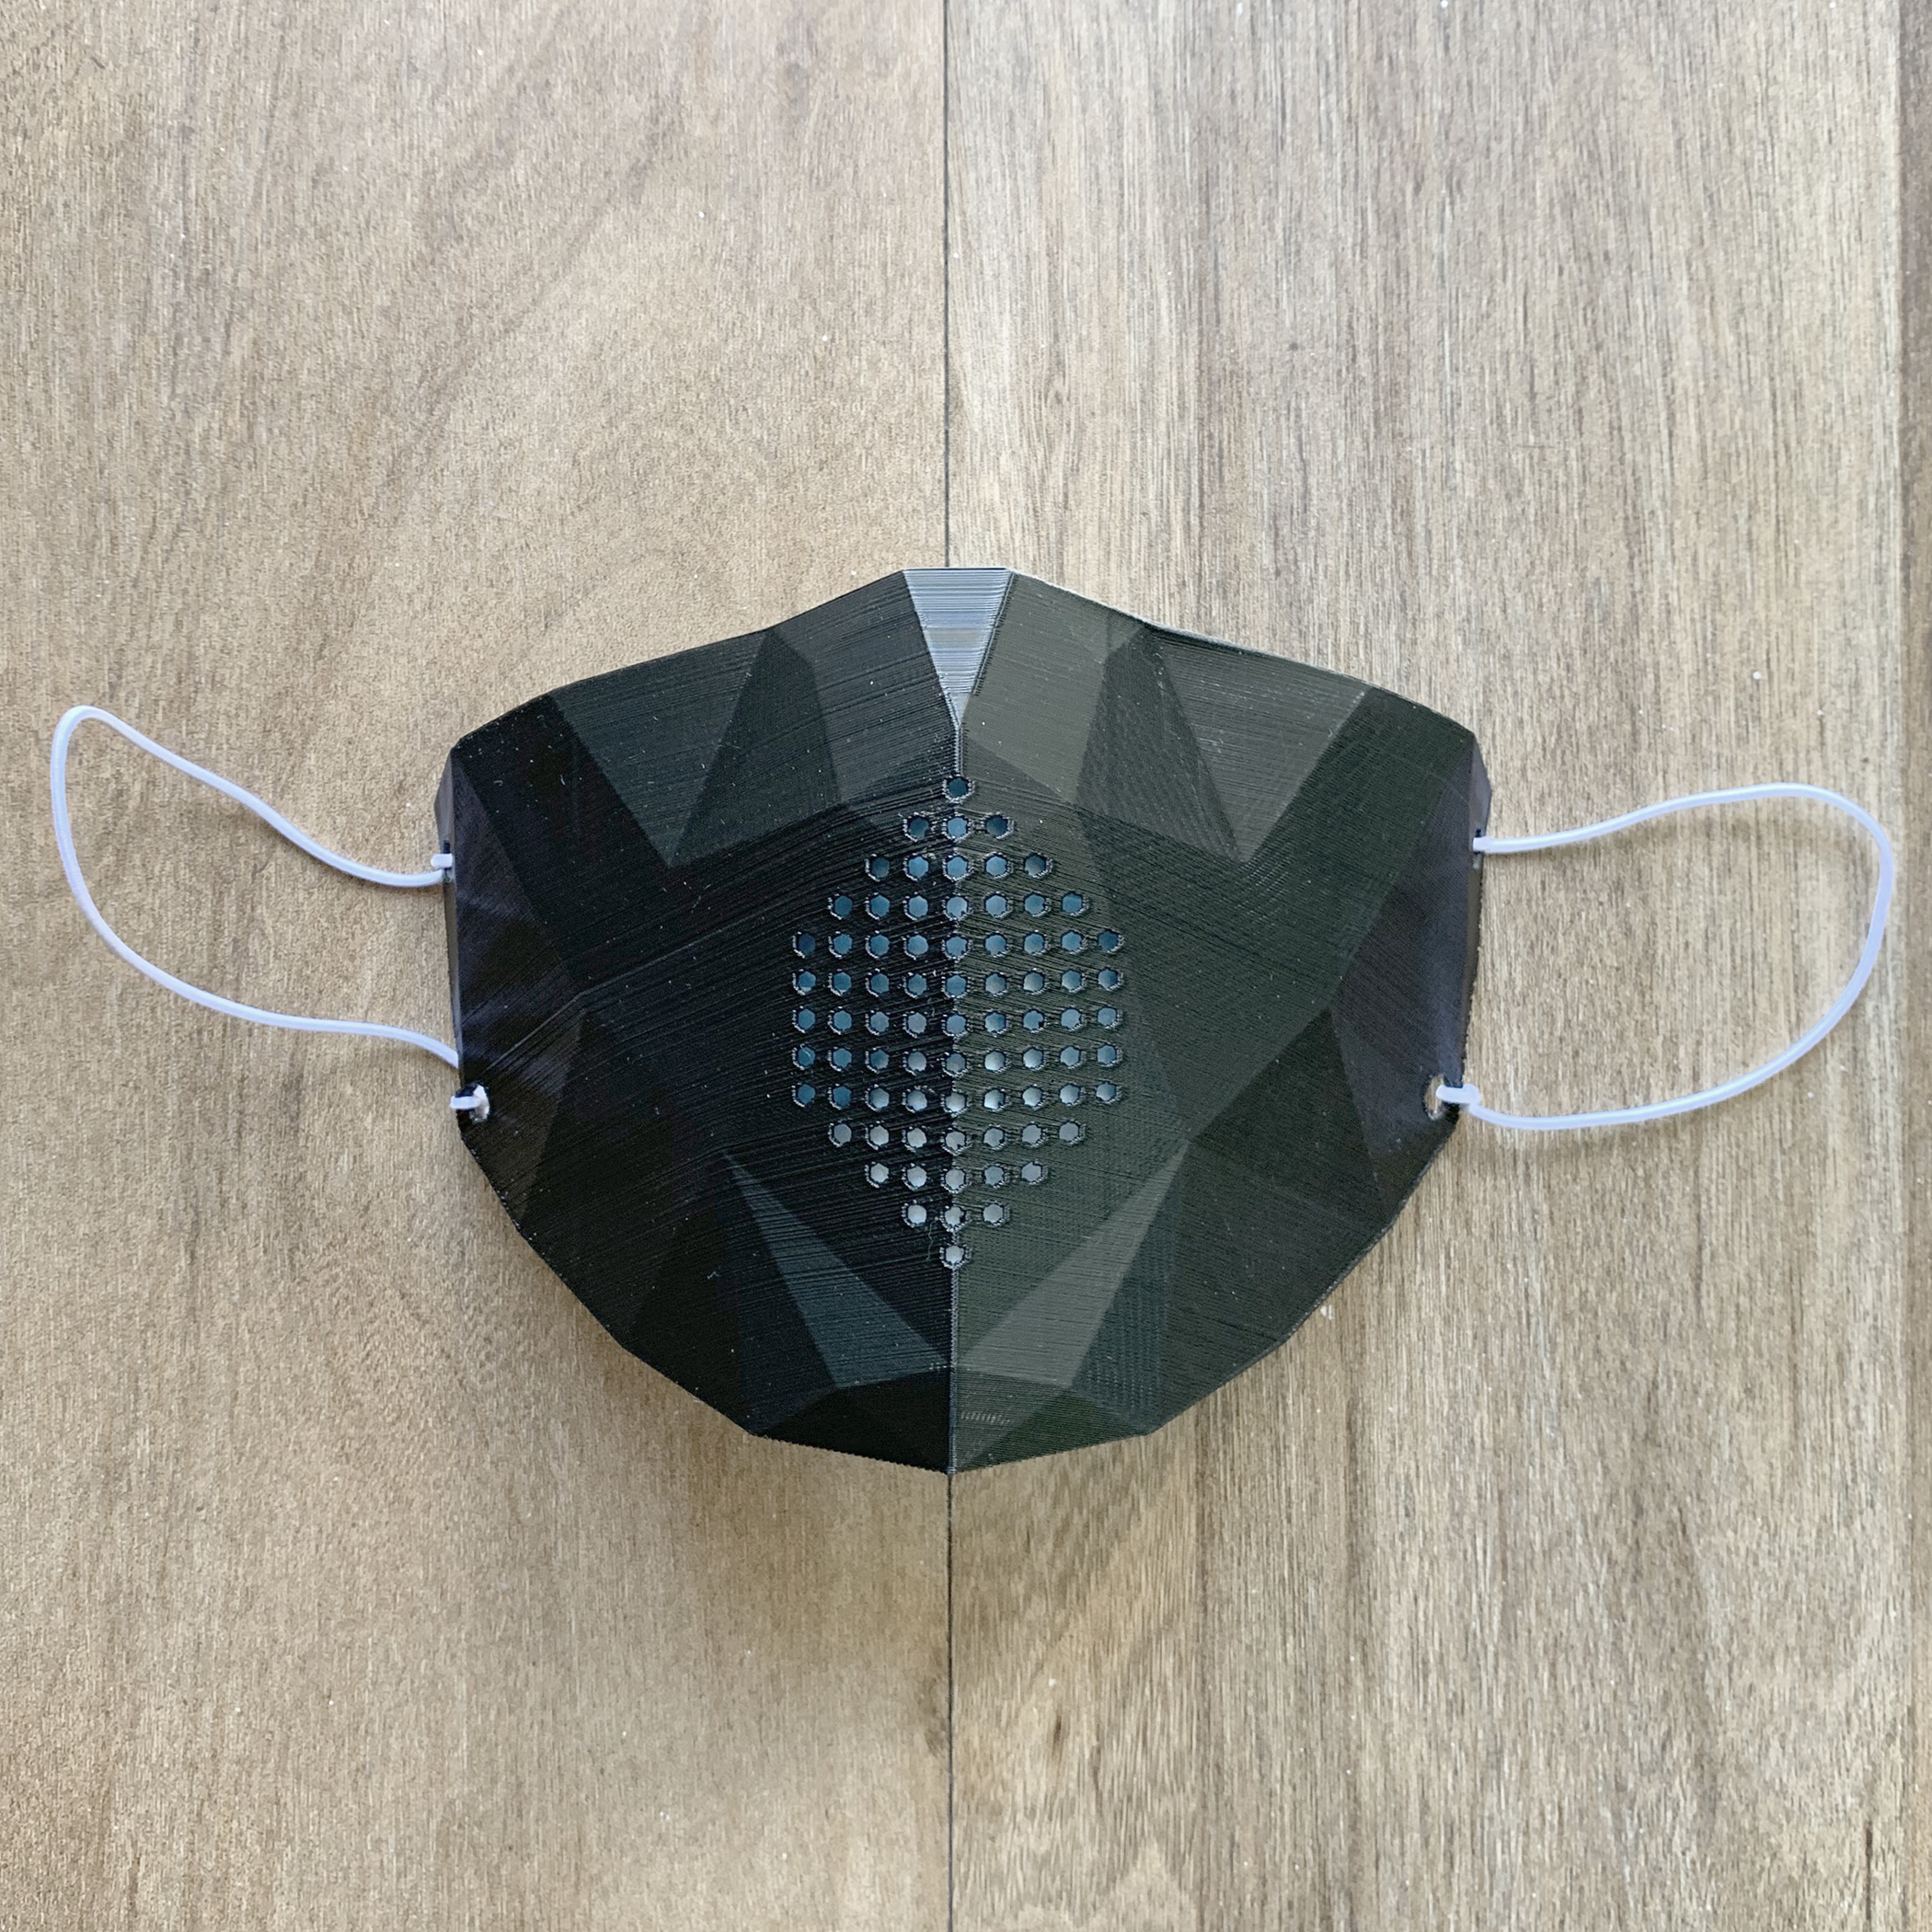 Low Poly Mask.jpg Download STL file Low Poly Masks • 3D printer model, biglildesign